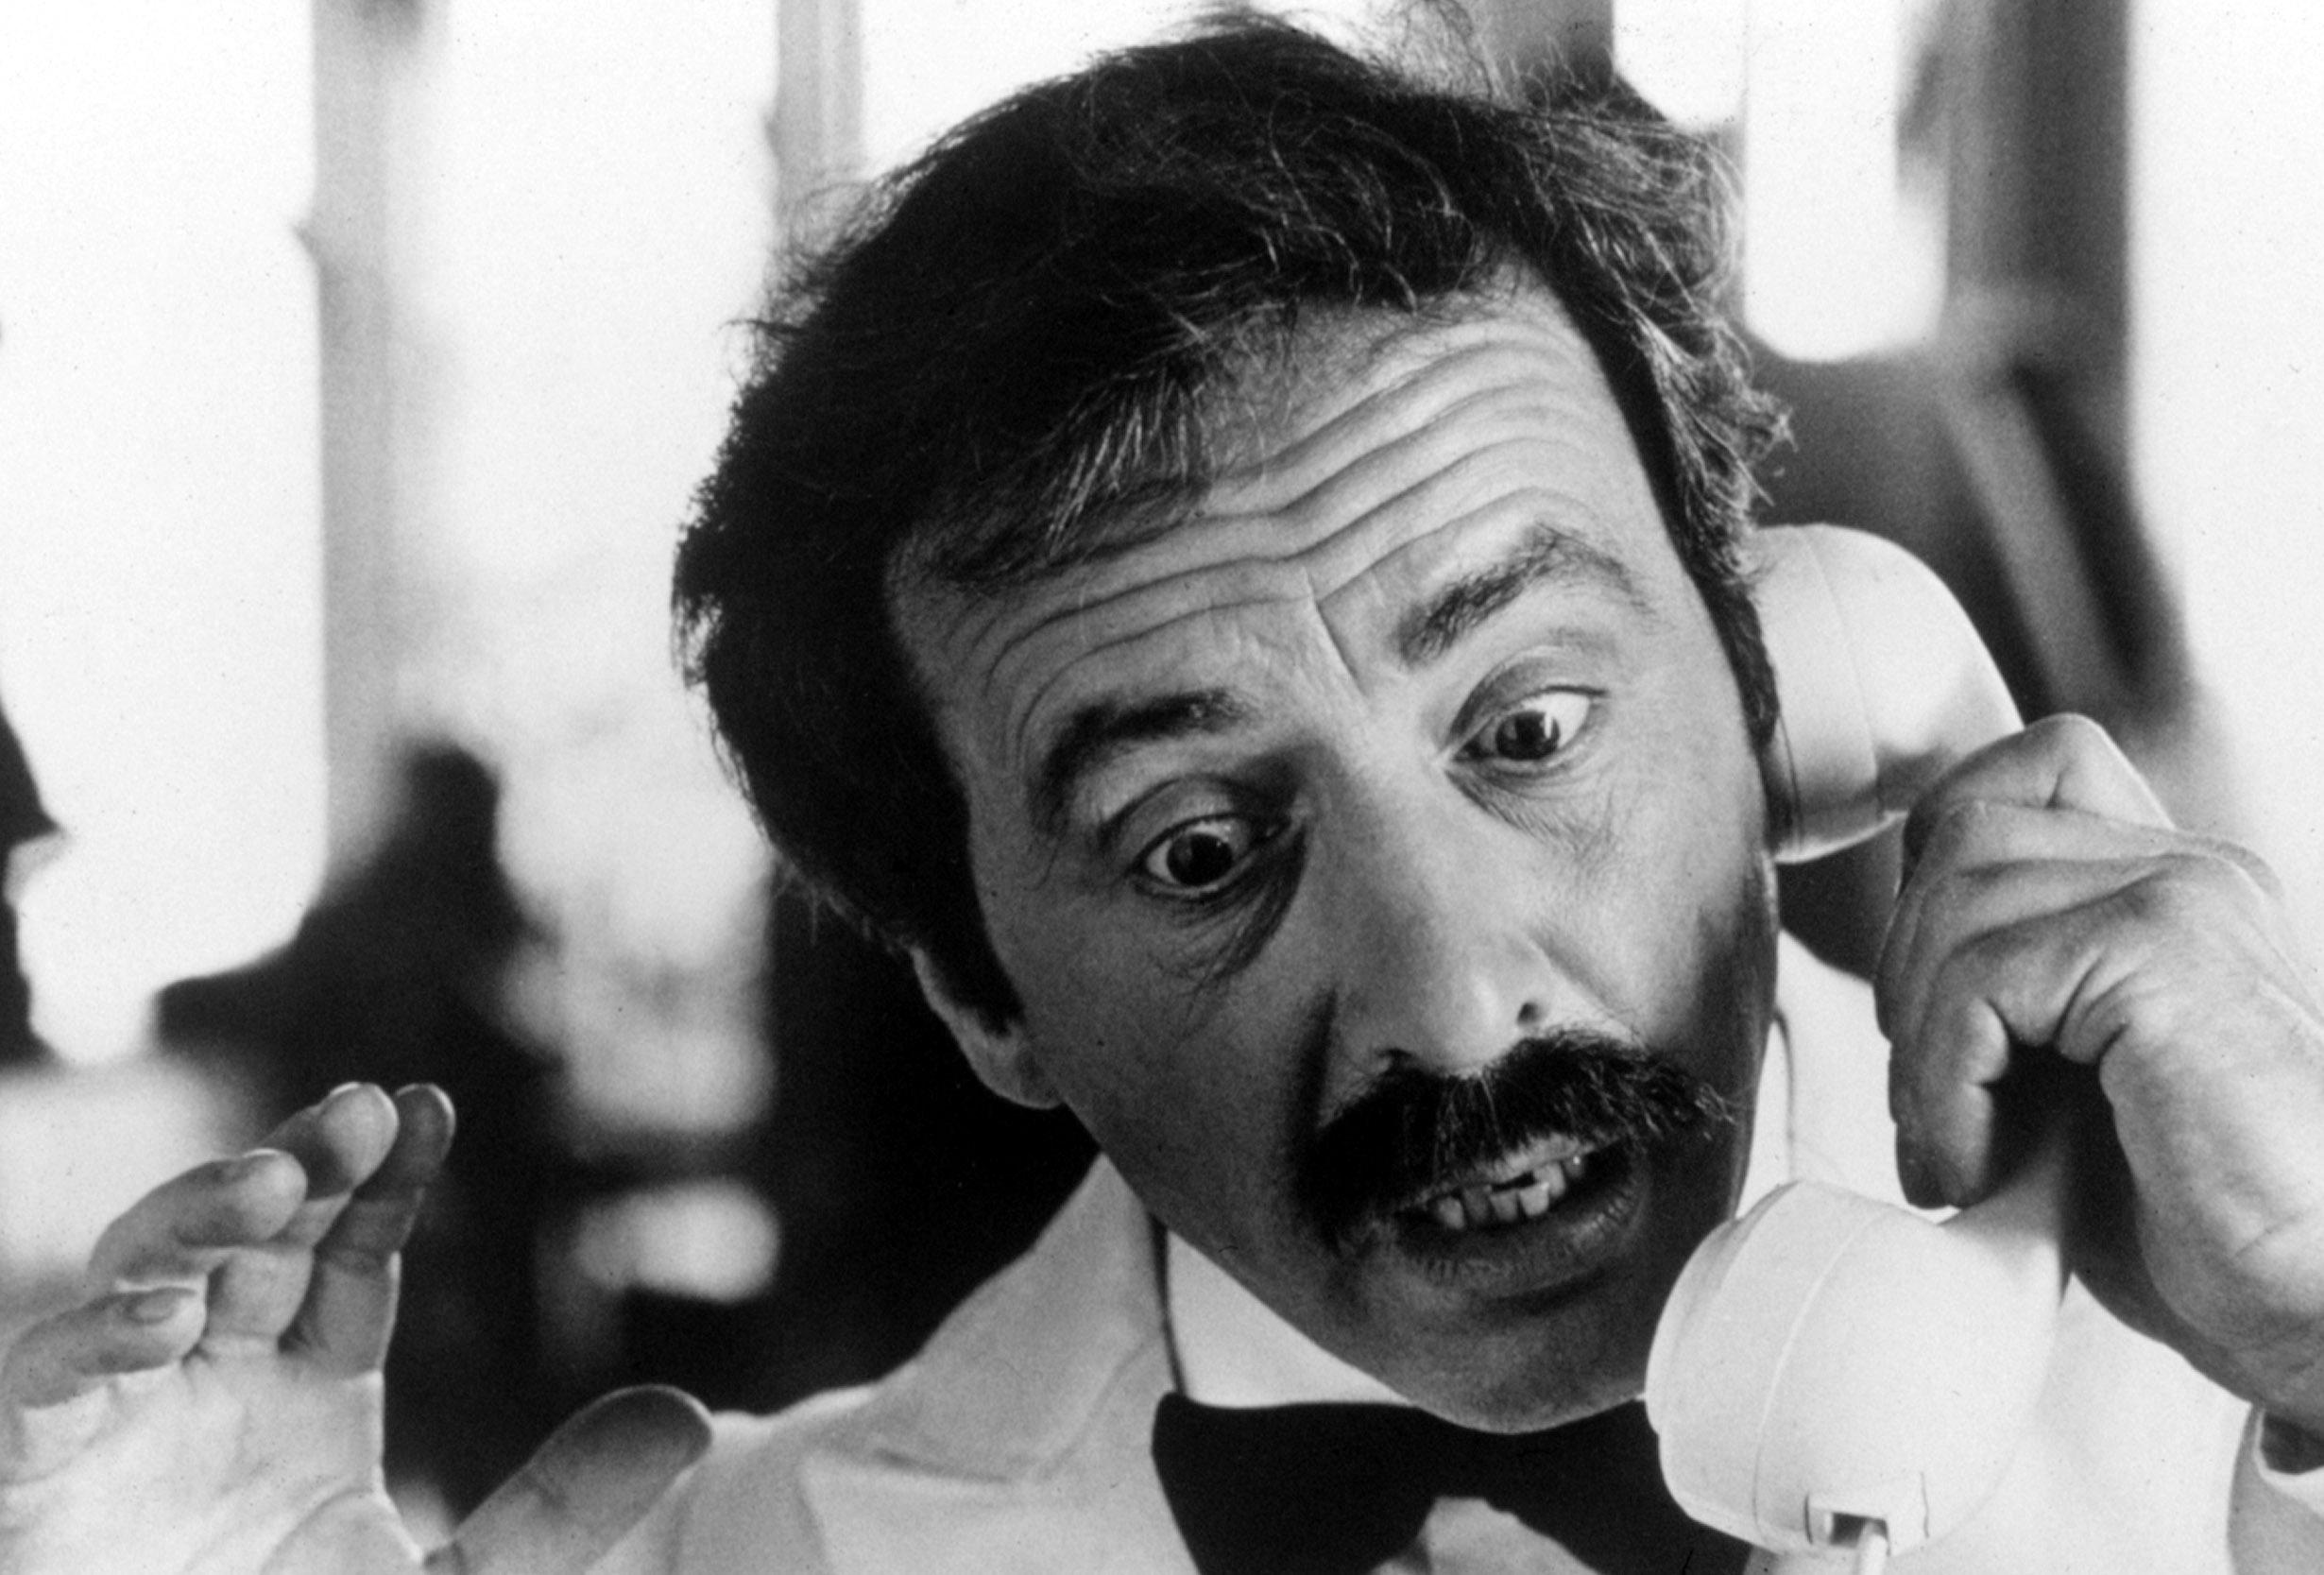 Manuel uit 'Fawlty Towers' overleden